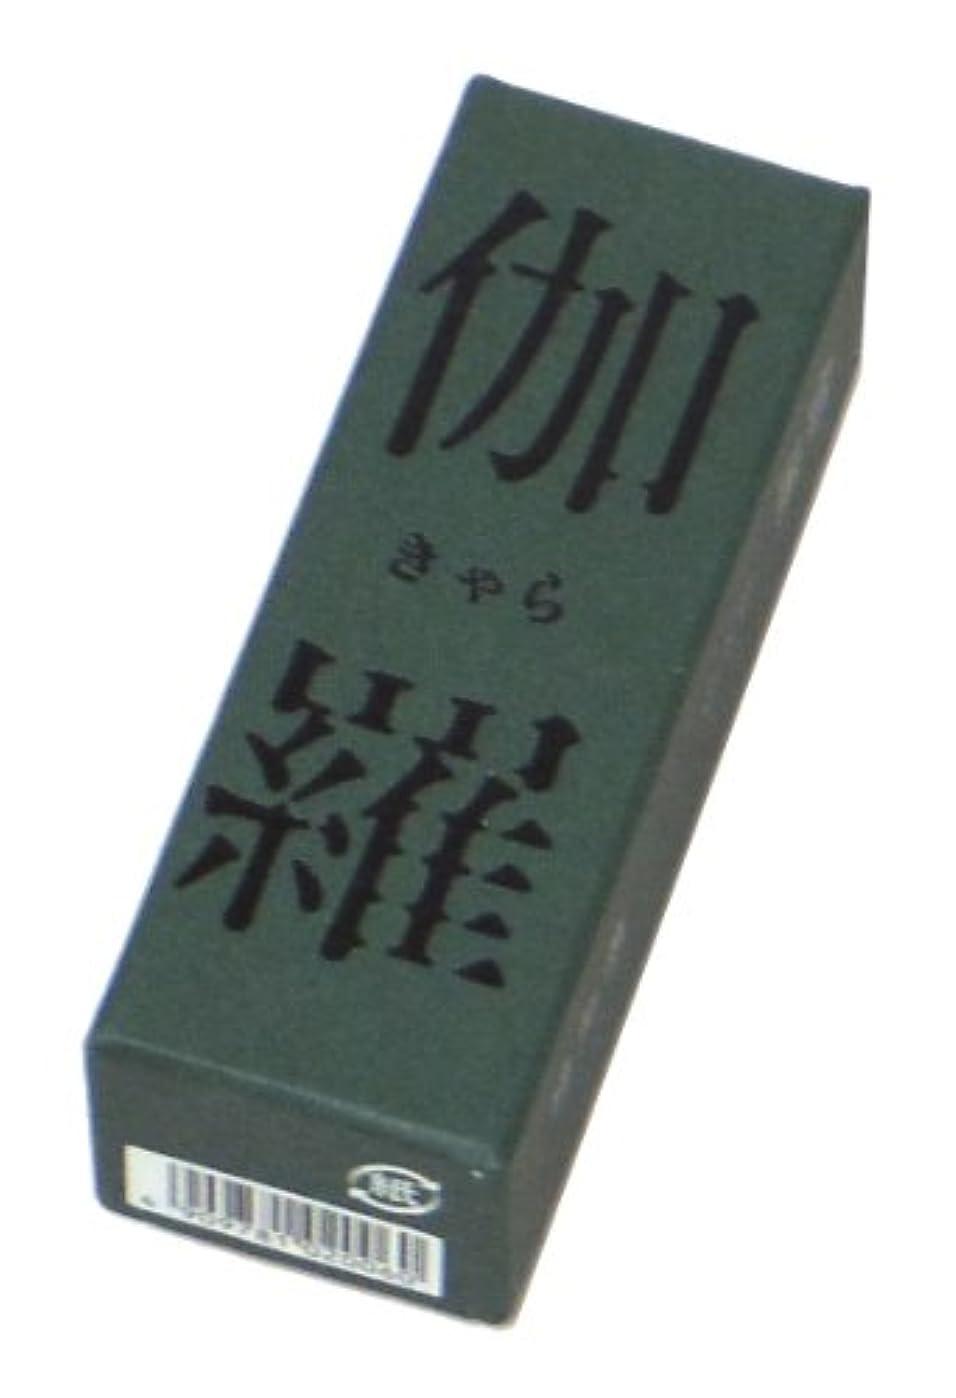 評価可能ビジュアルサミット鳩居堂のお香 香木の香り 伽羅 20本入 6cm